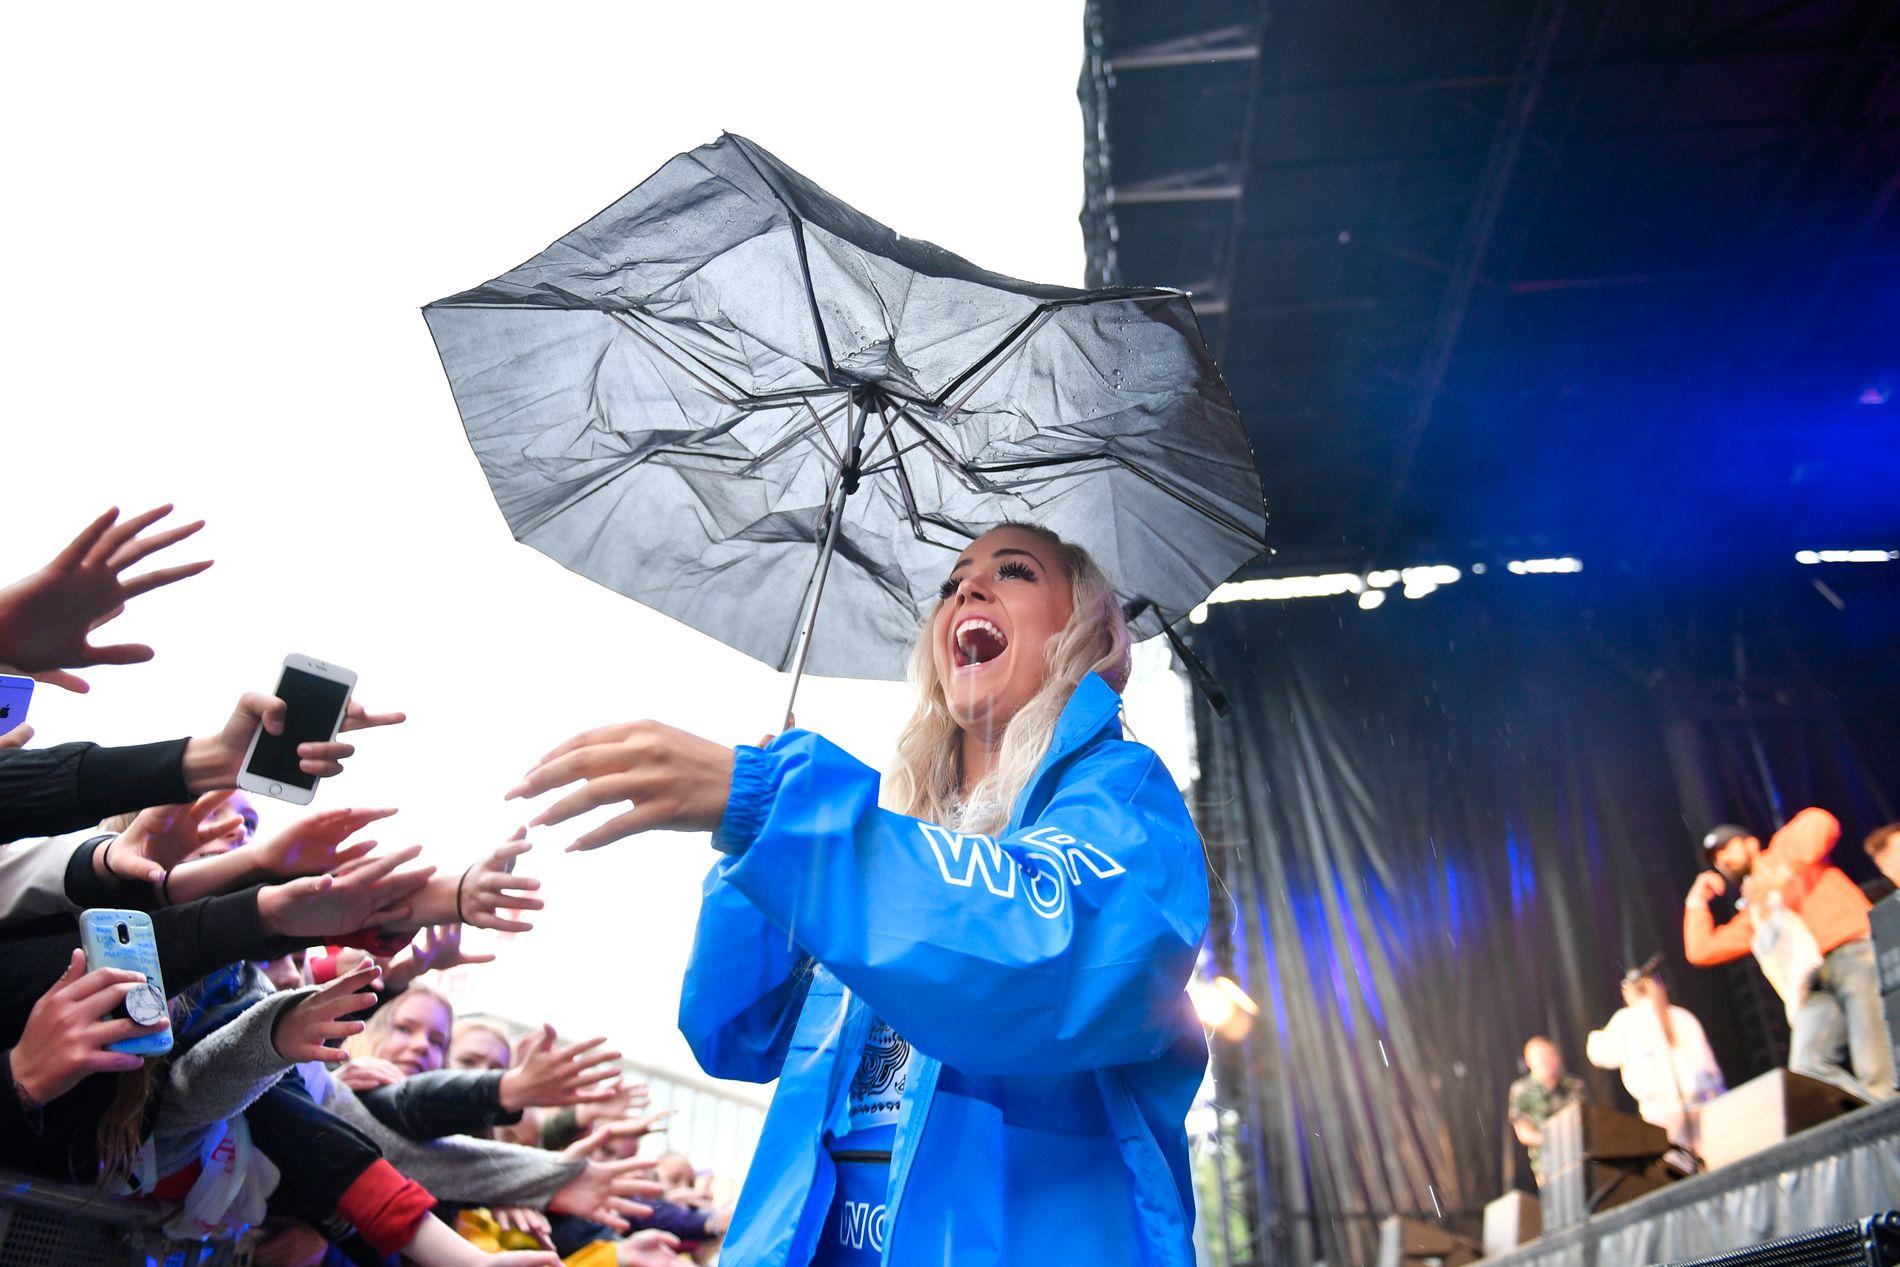 KAN DROPPE PARAPLYEN: Været på fredag ser ut til å bli bedre enn da VG-Lista besøkte Trondheim i fjor. Da stilte Julie Bergan med frynsete paraply for å komme unna regnet.